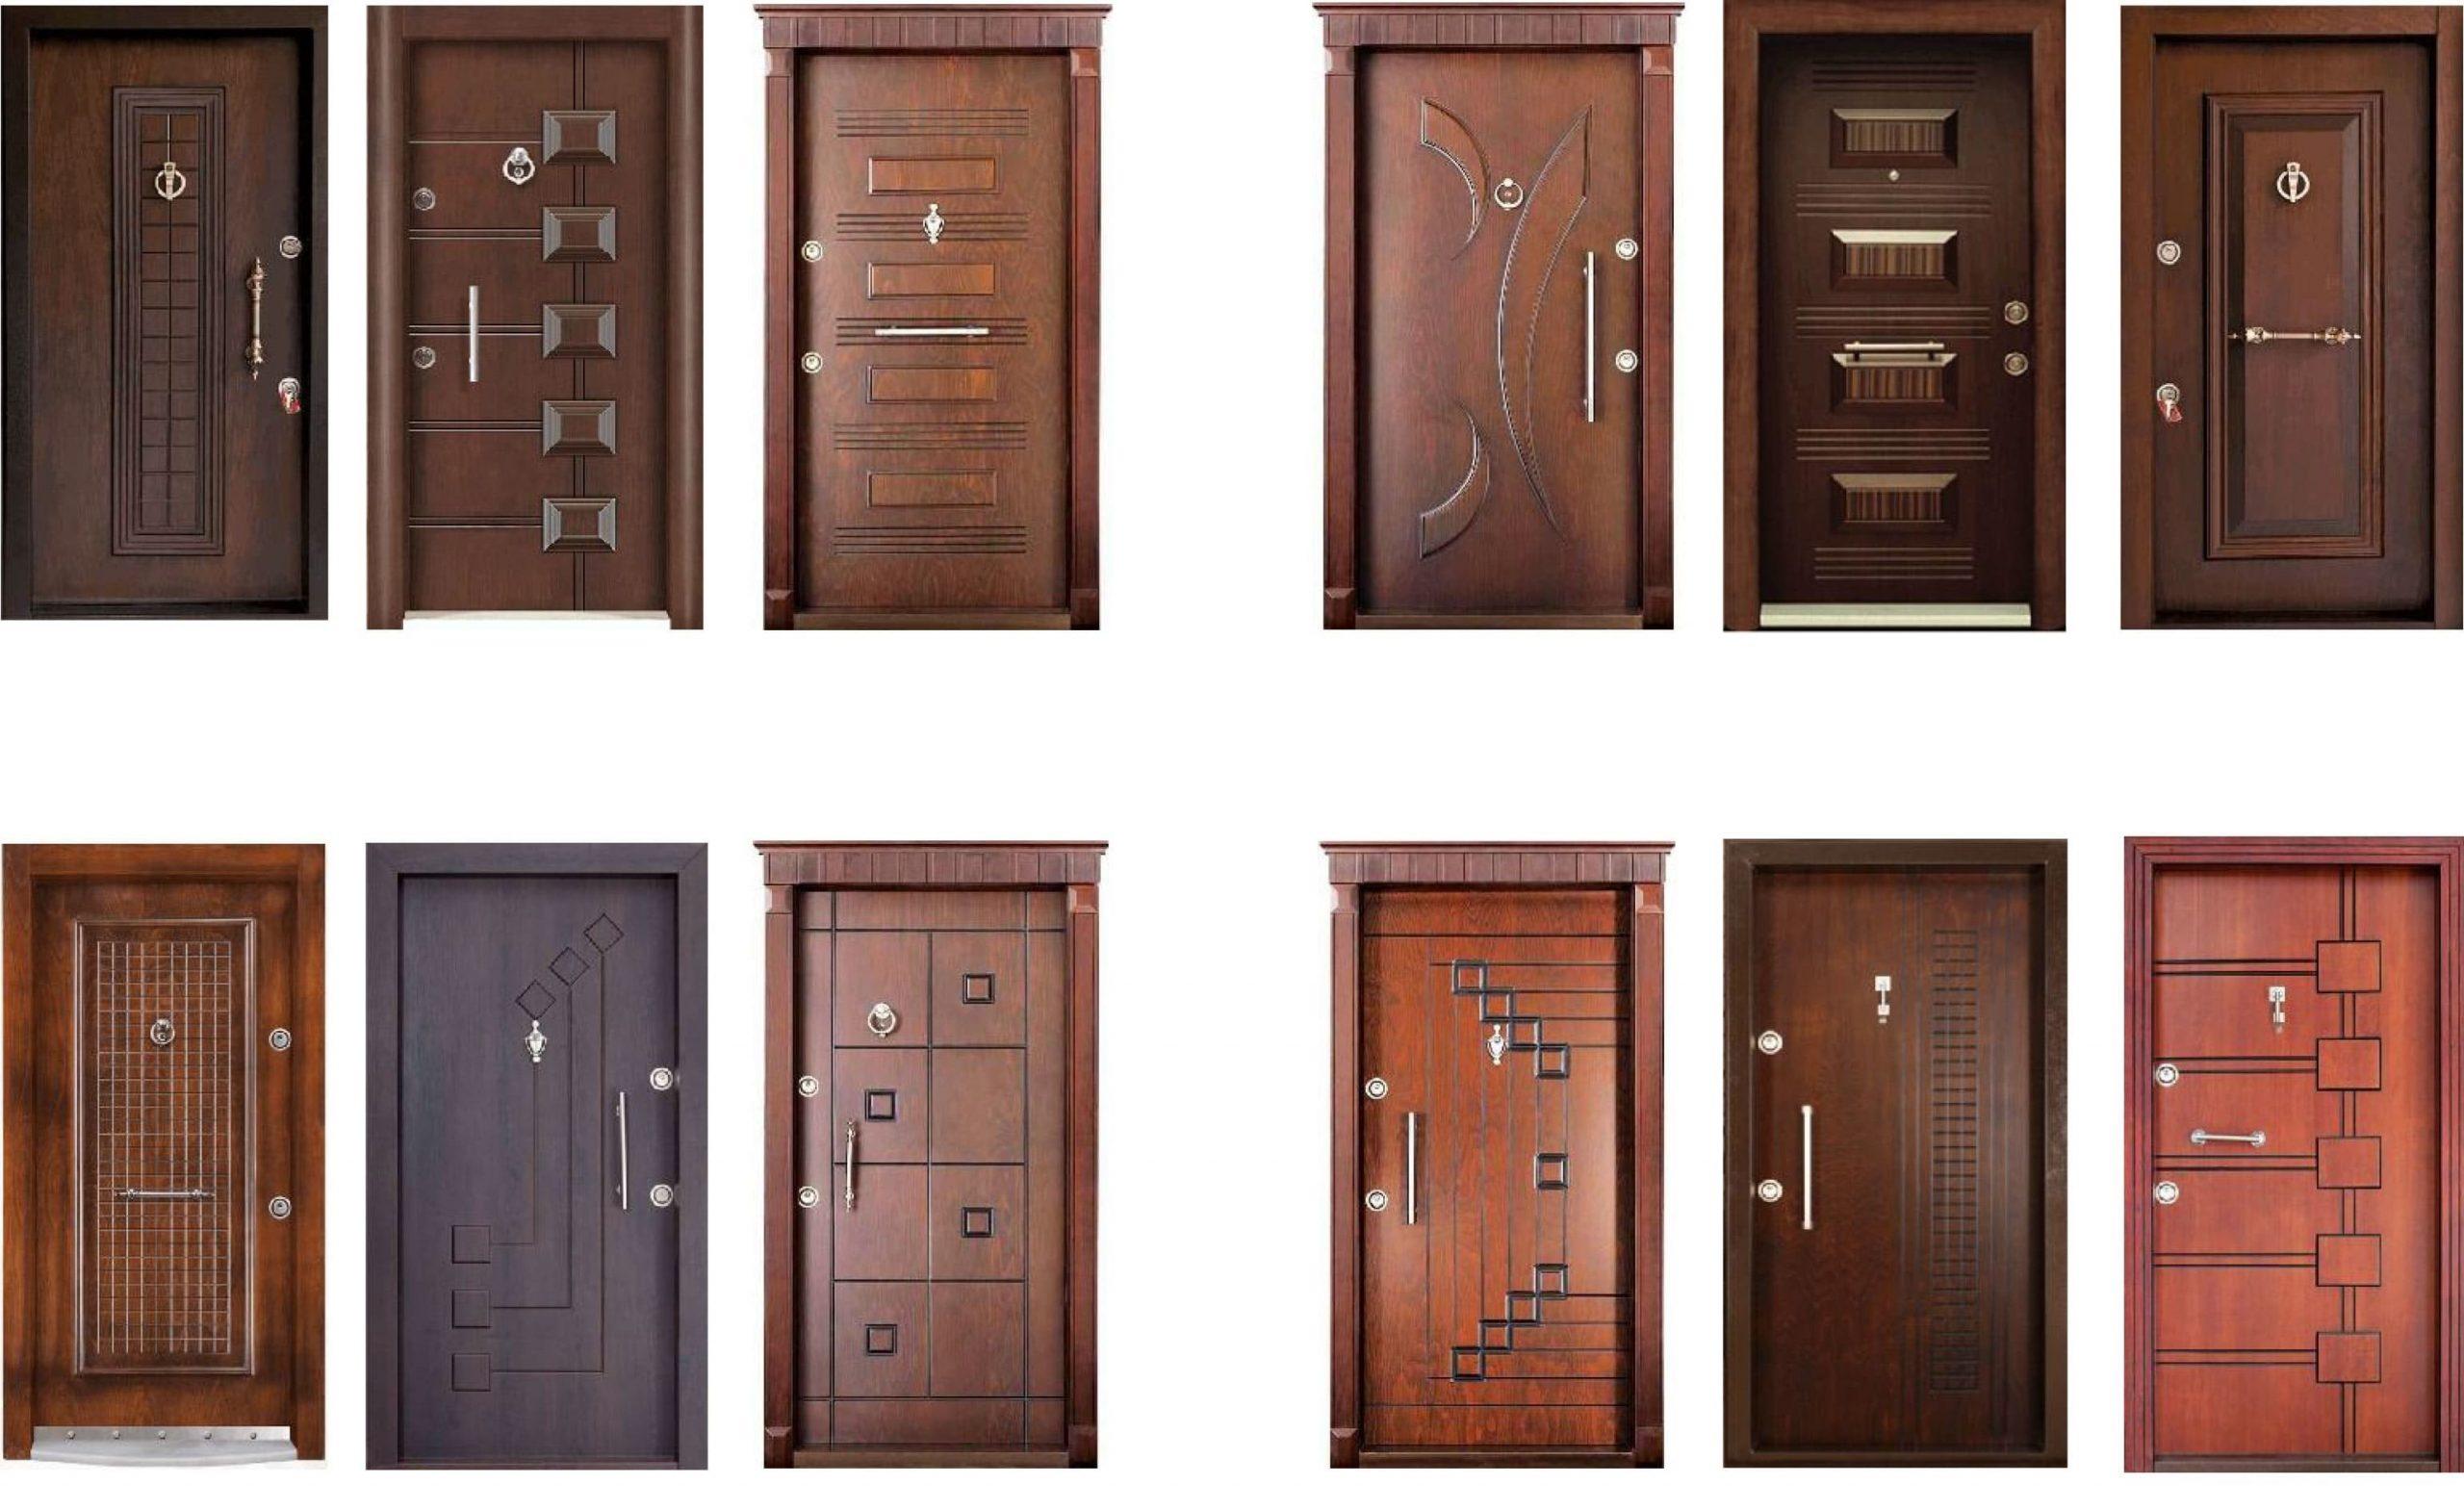 اسعار الابواب الخشب فى مصر  from www.pricesworld.net